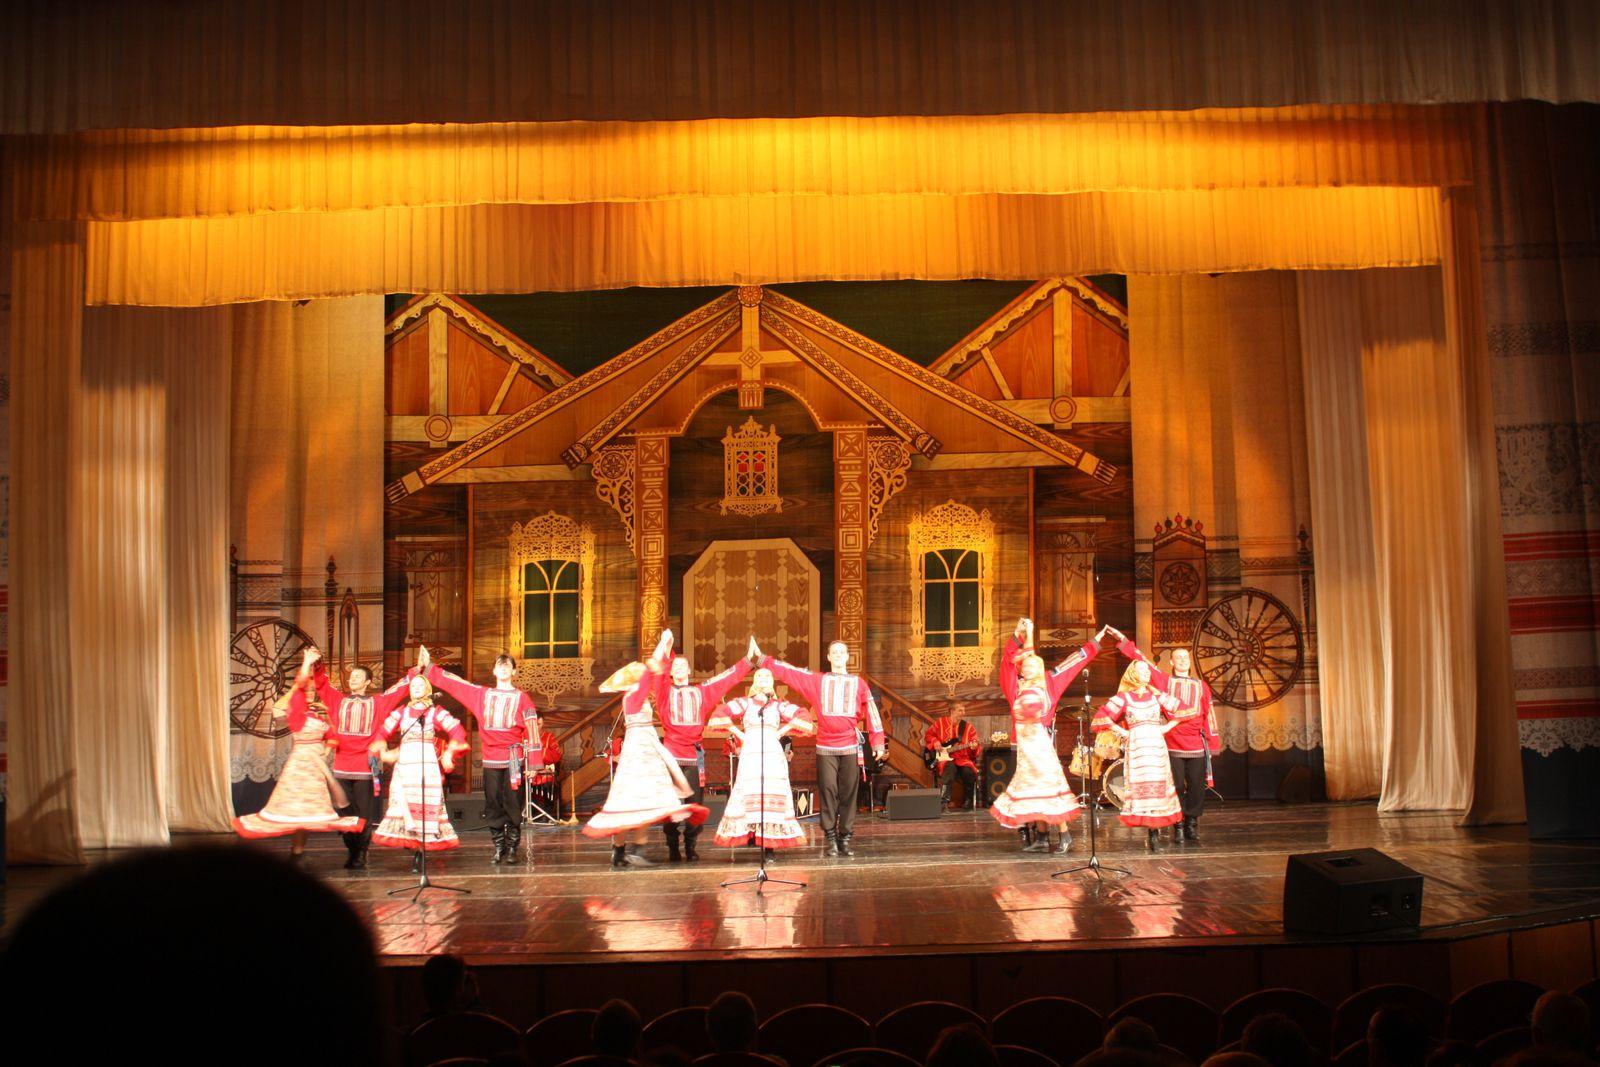 Petite soirée Folklorique Russe